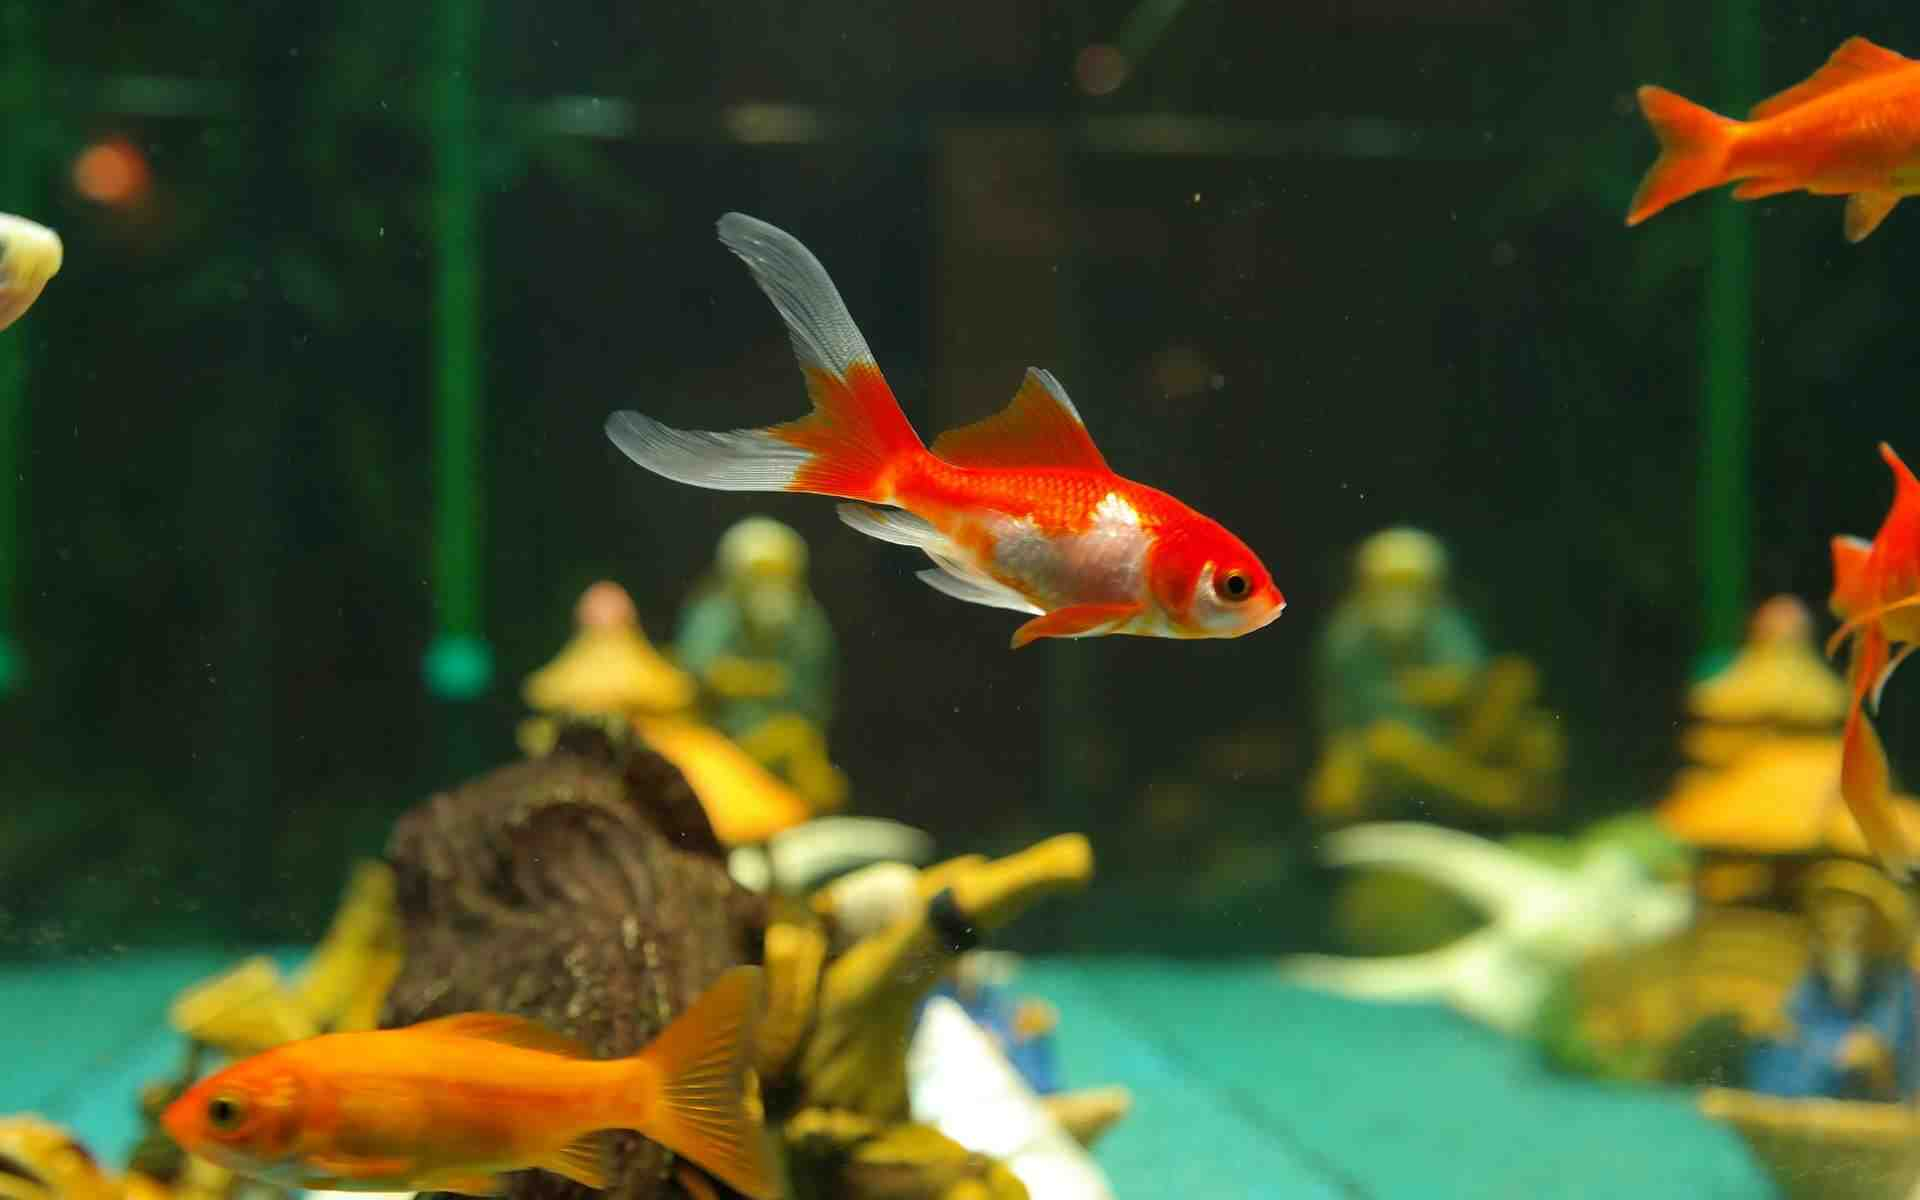 Pourquoi tous mes poissons sont-ils morts soudainement?